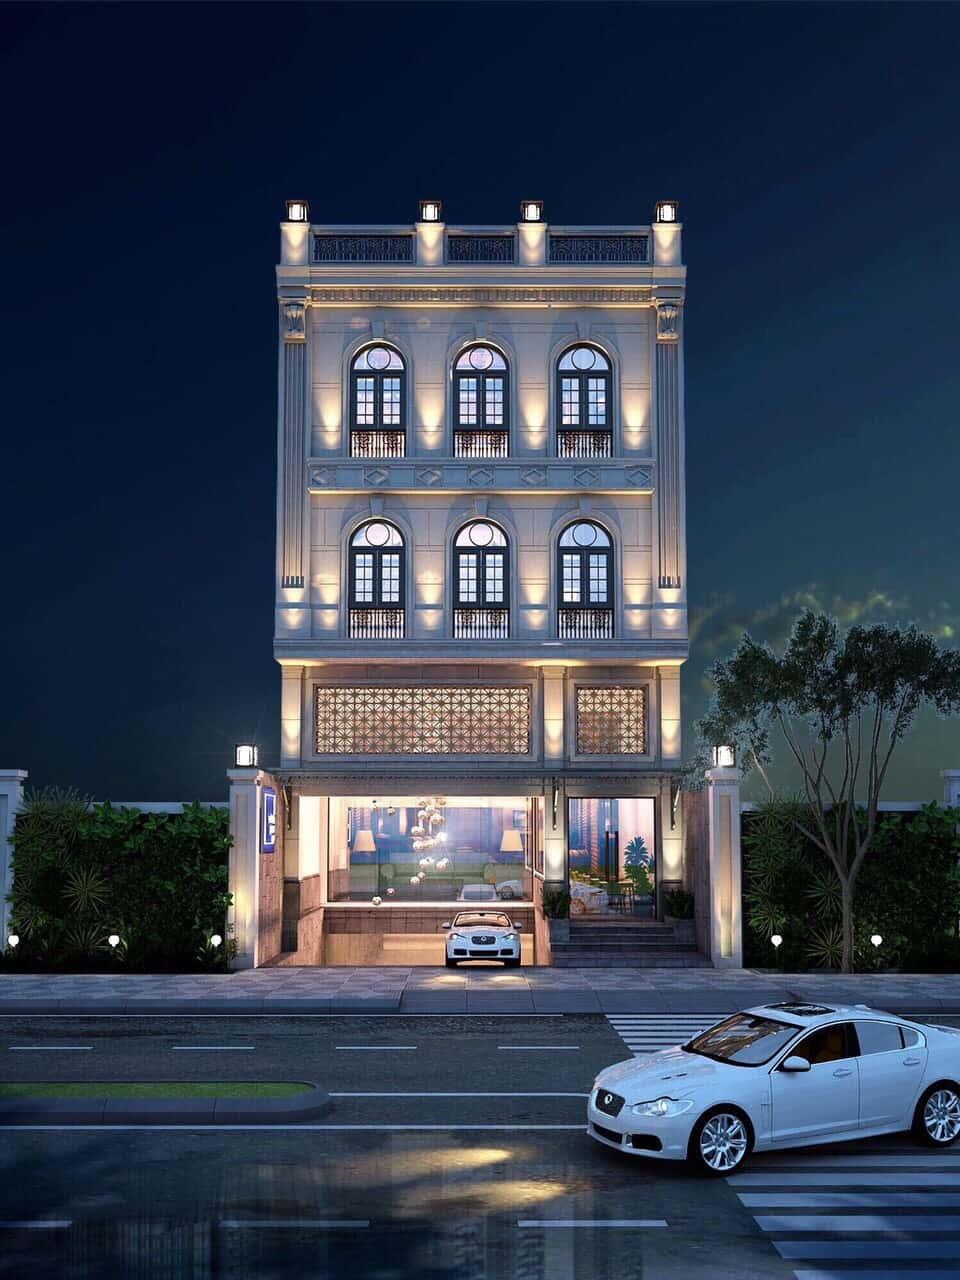 1df97cf5f8281f764639 - Thiết kế khách sạn cổ điển sang trọng